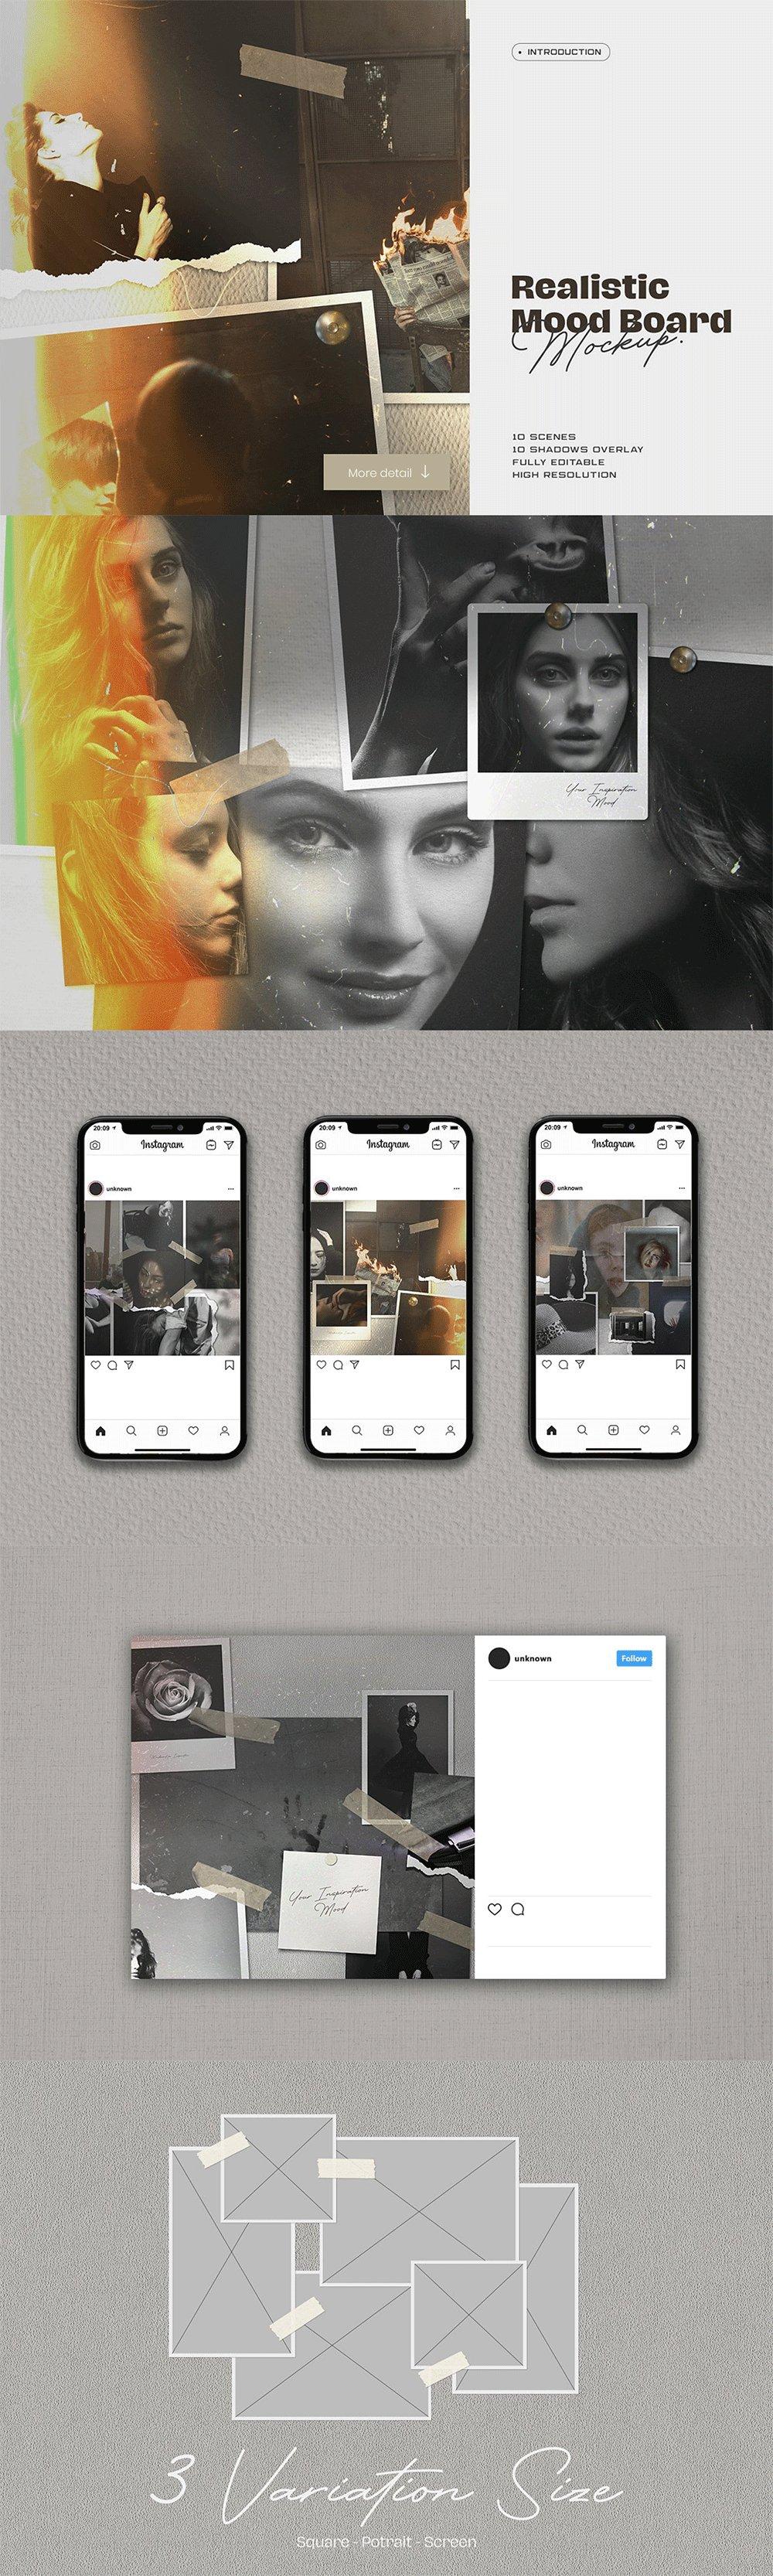 [淘宝购买] 10套文艺情绪板摄影相片卡片拼贴设计PSD源文件 Bundle Moodboard Mockup V1插图(7)